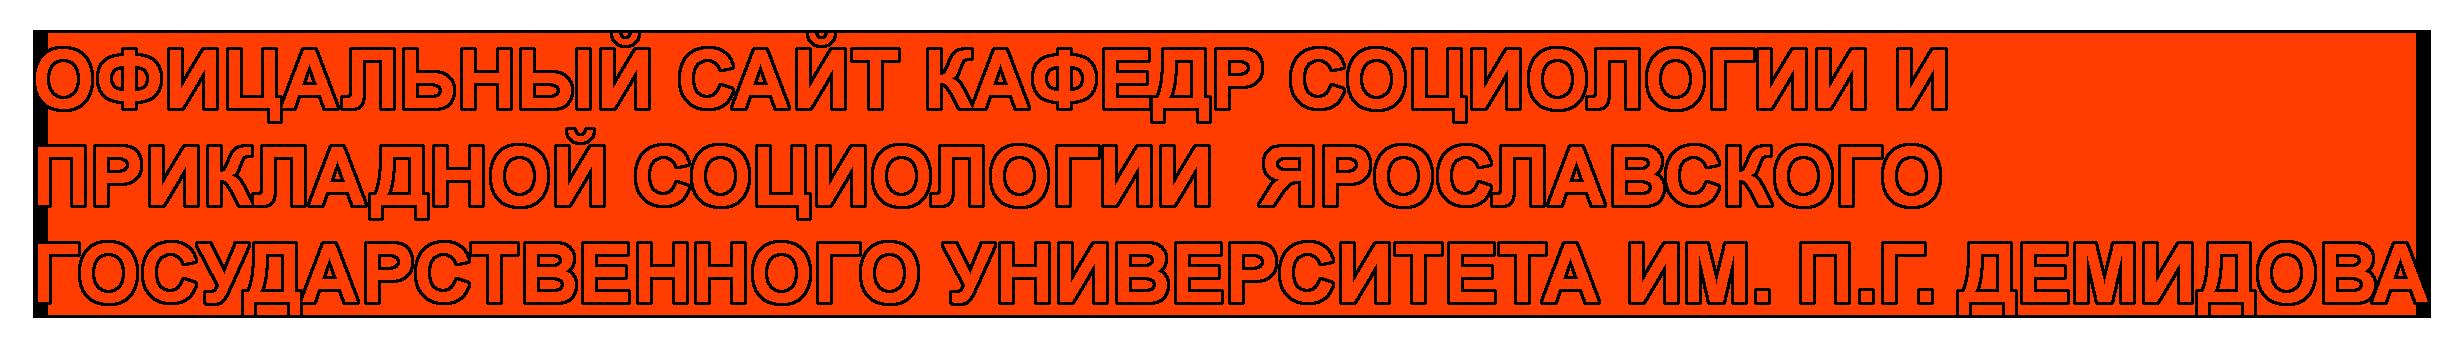 Офицальный сайт кафедр социологии и прикладной социологии  Ярославского государственного университета им. П.Г. Демидова